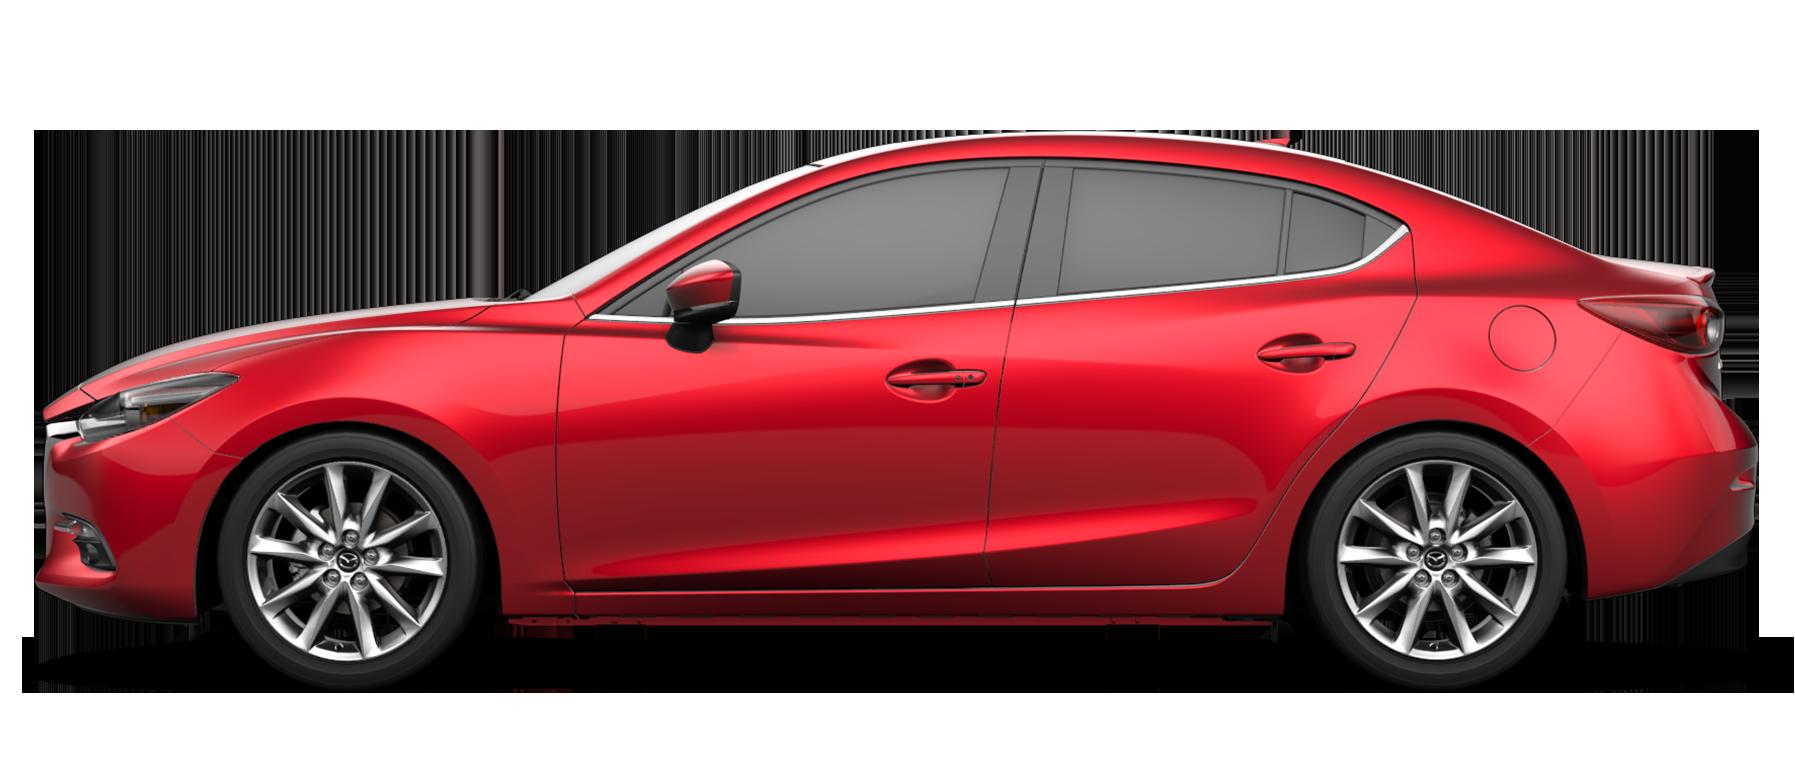 2018 Mazda3 4 Door Image